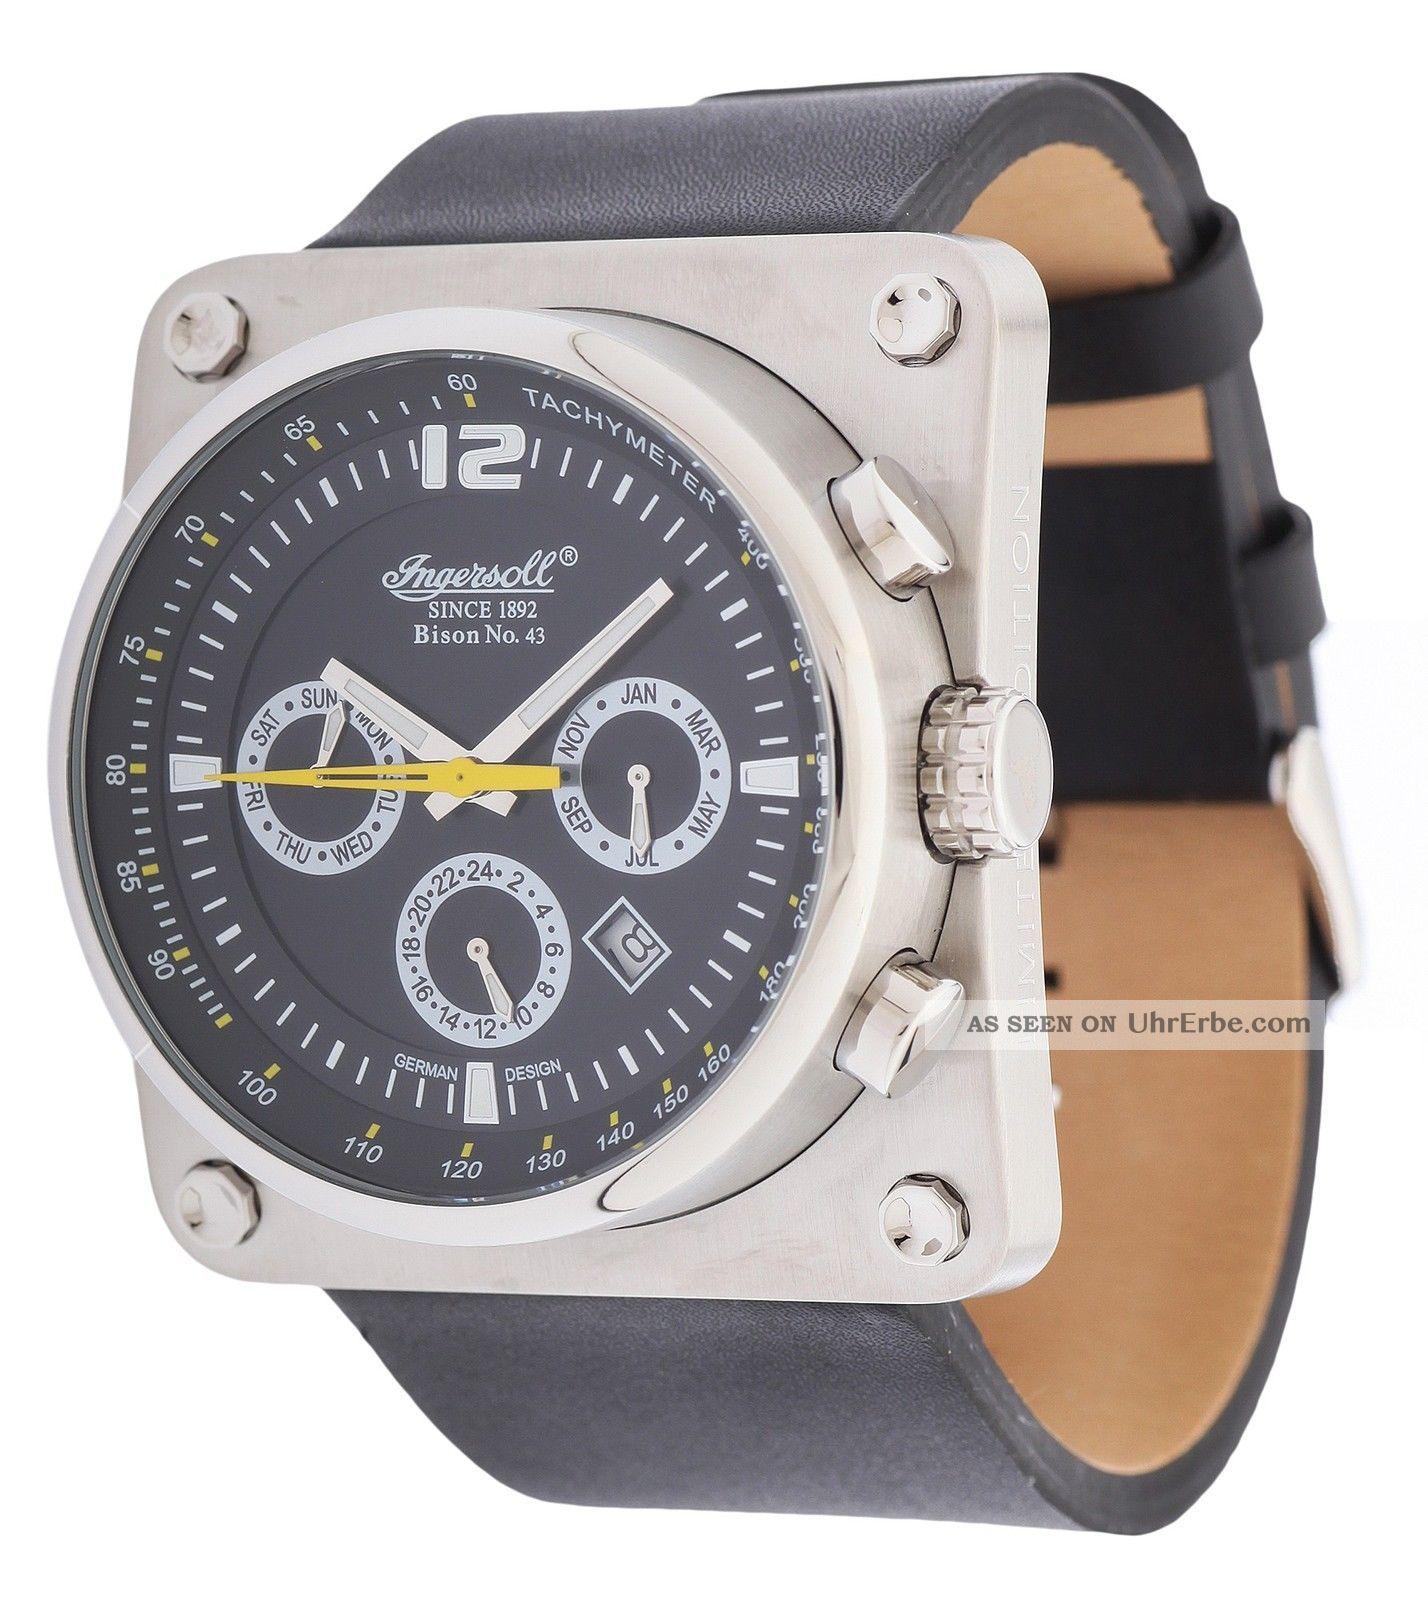 Ingersoll Herren Automatik Uhr Bison No.  43 Schwarz In4108sbk Armbanduhren Bild